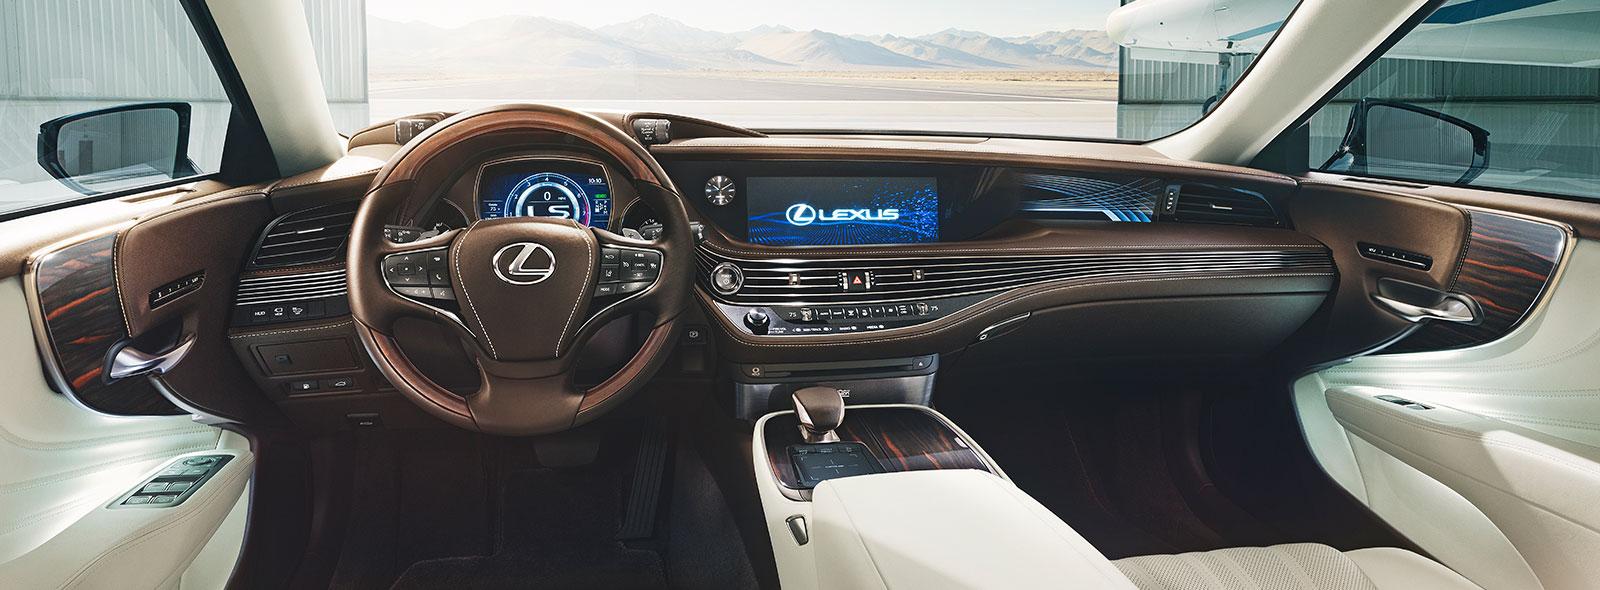 2018 Lexus LS Gallery 07